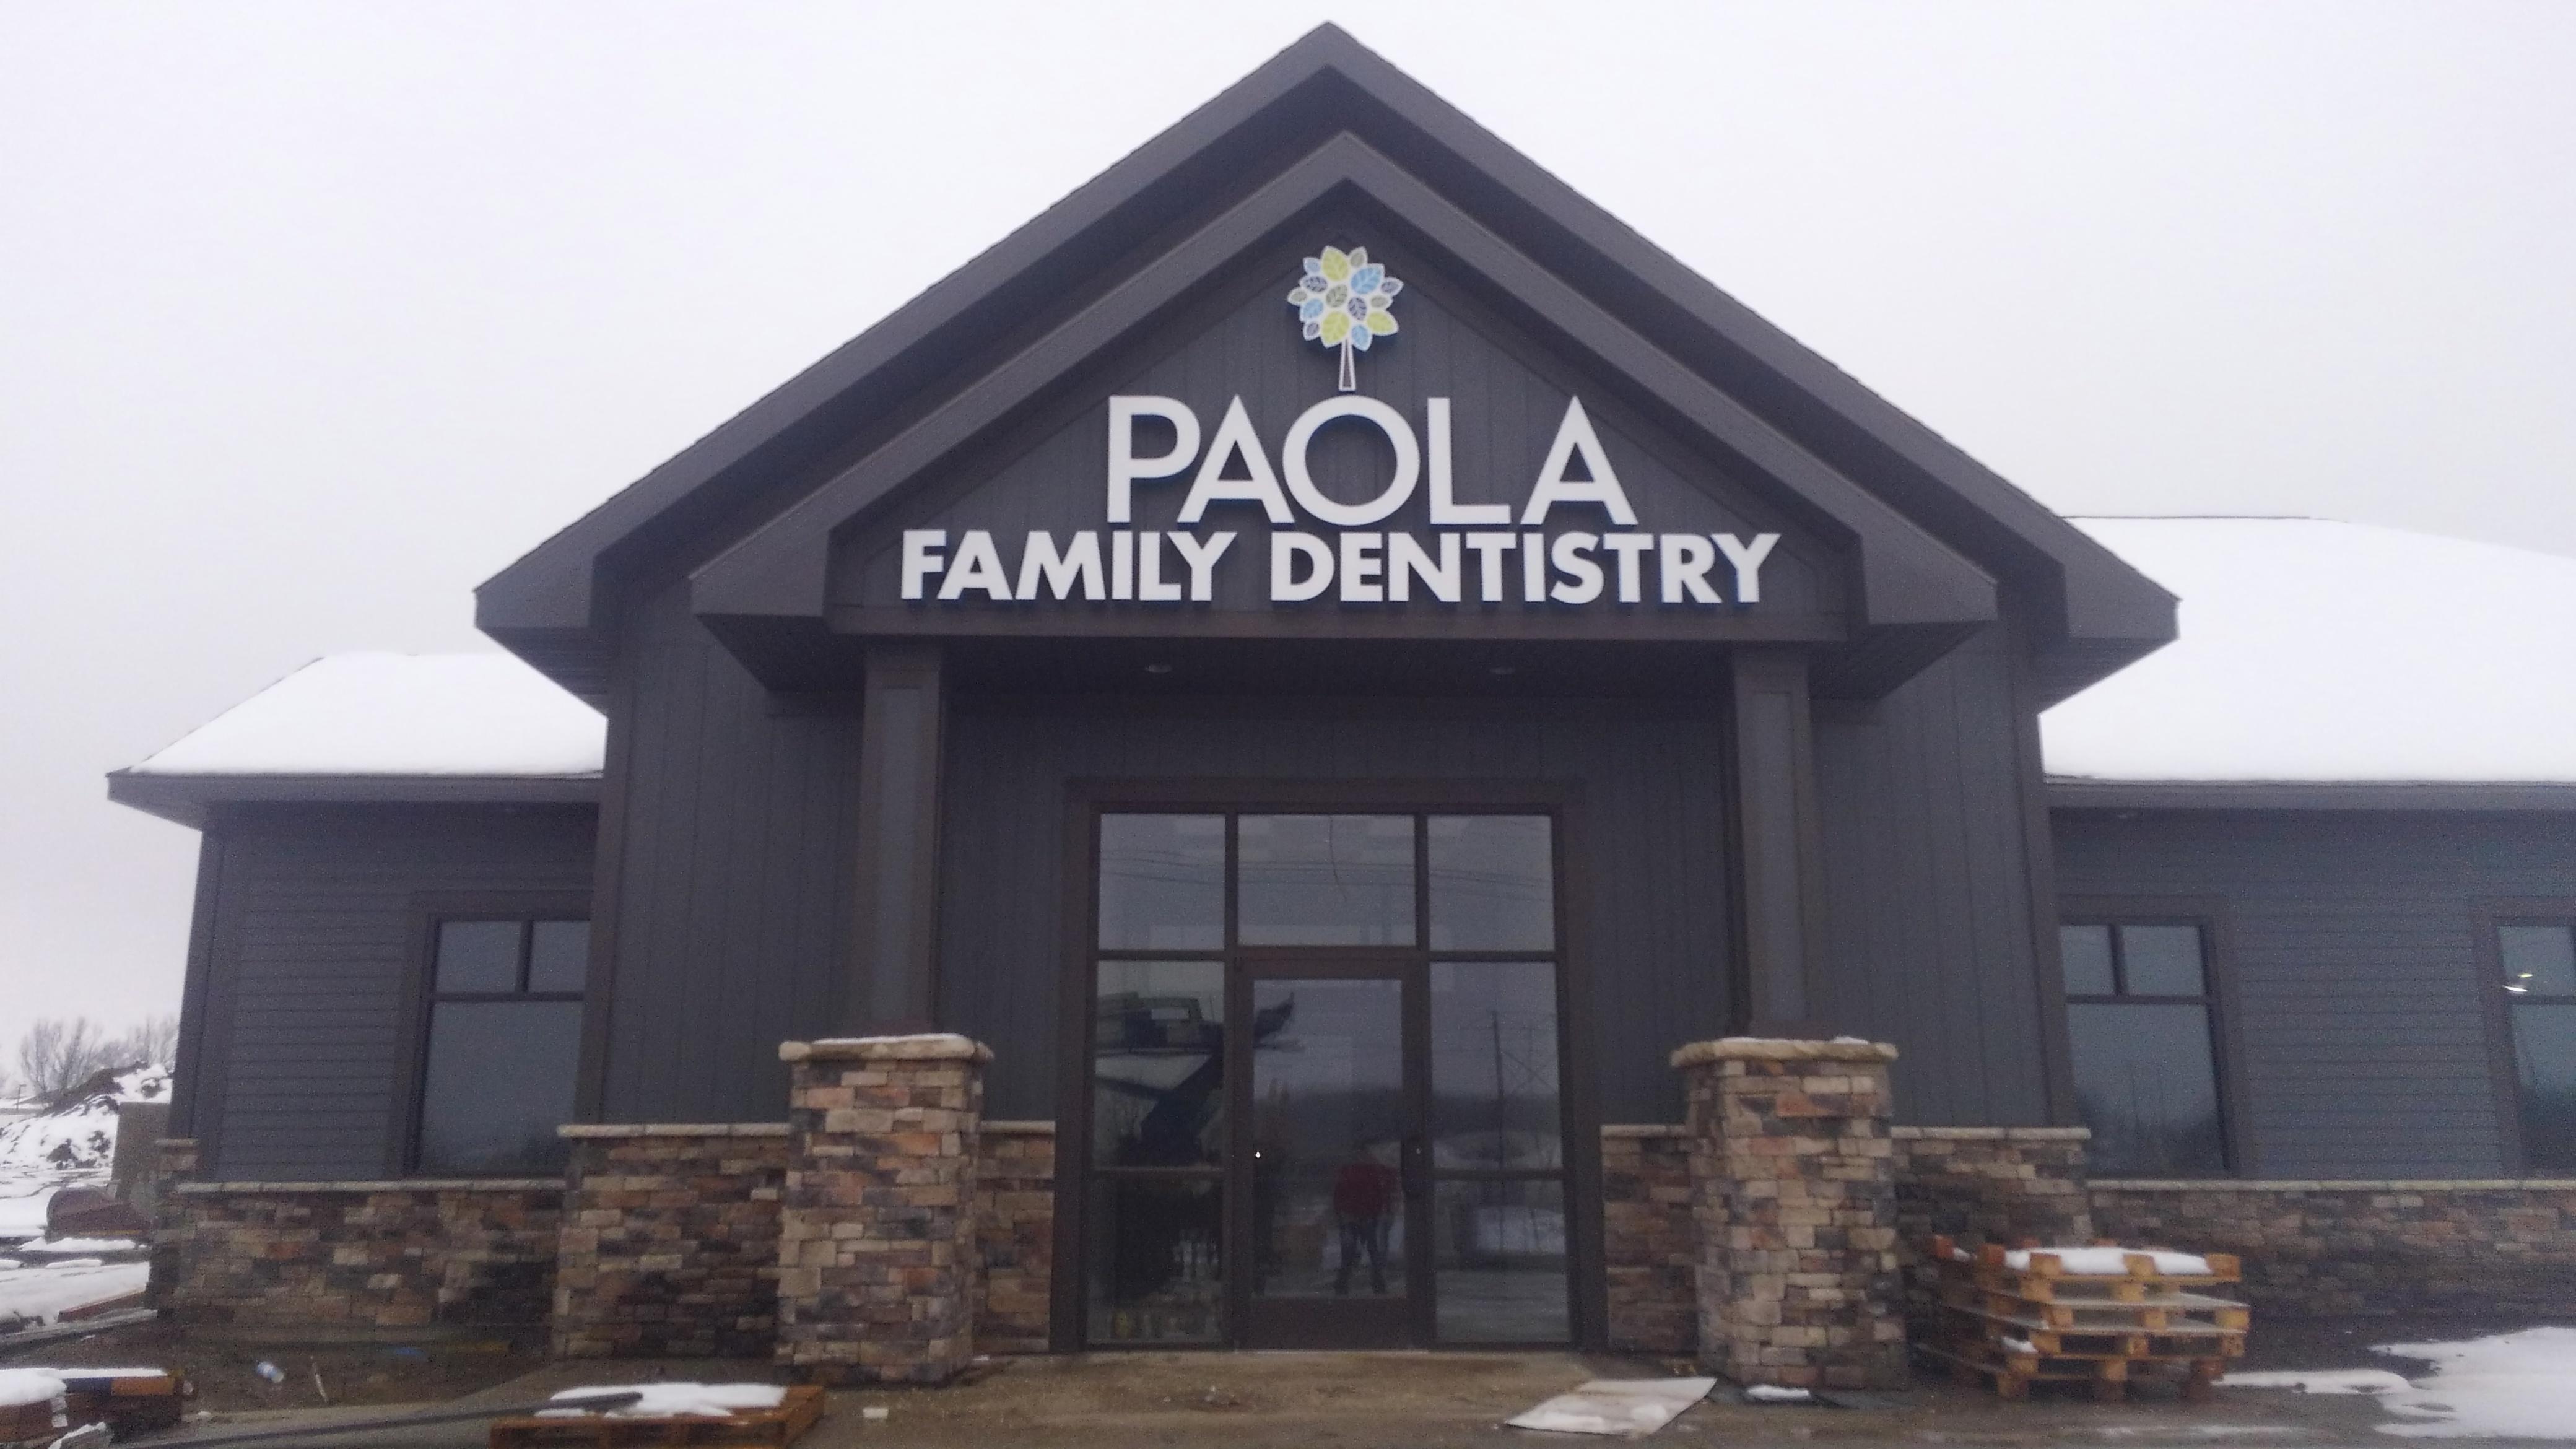 Paola Family Dentistry